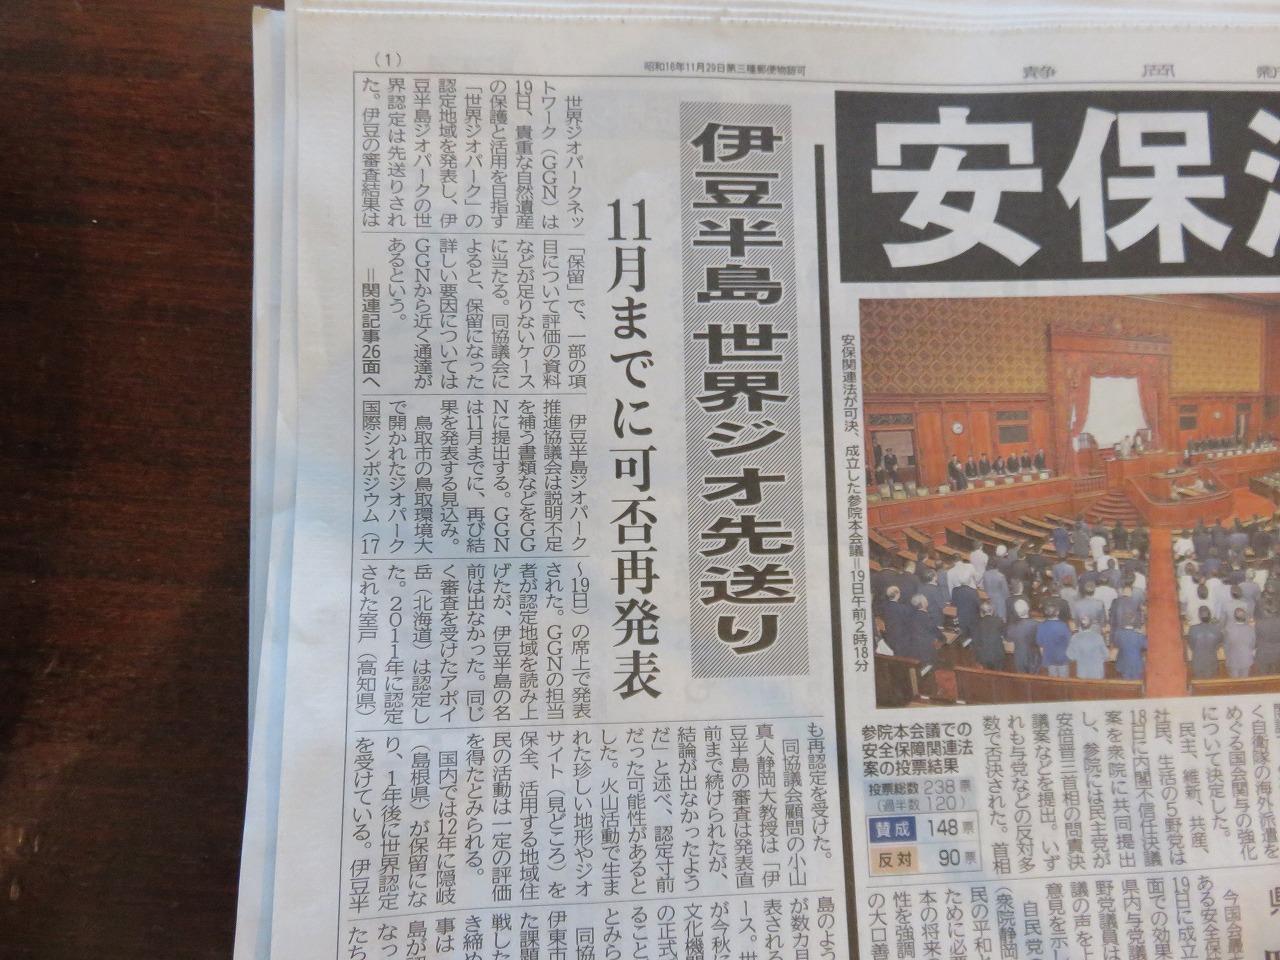 静岡新聞さん